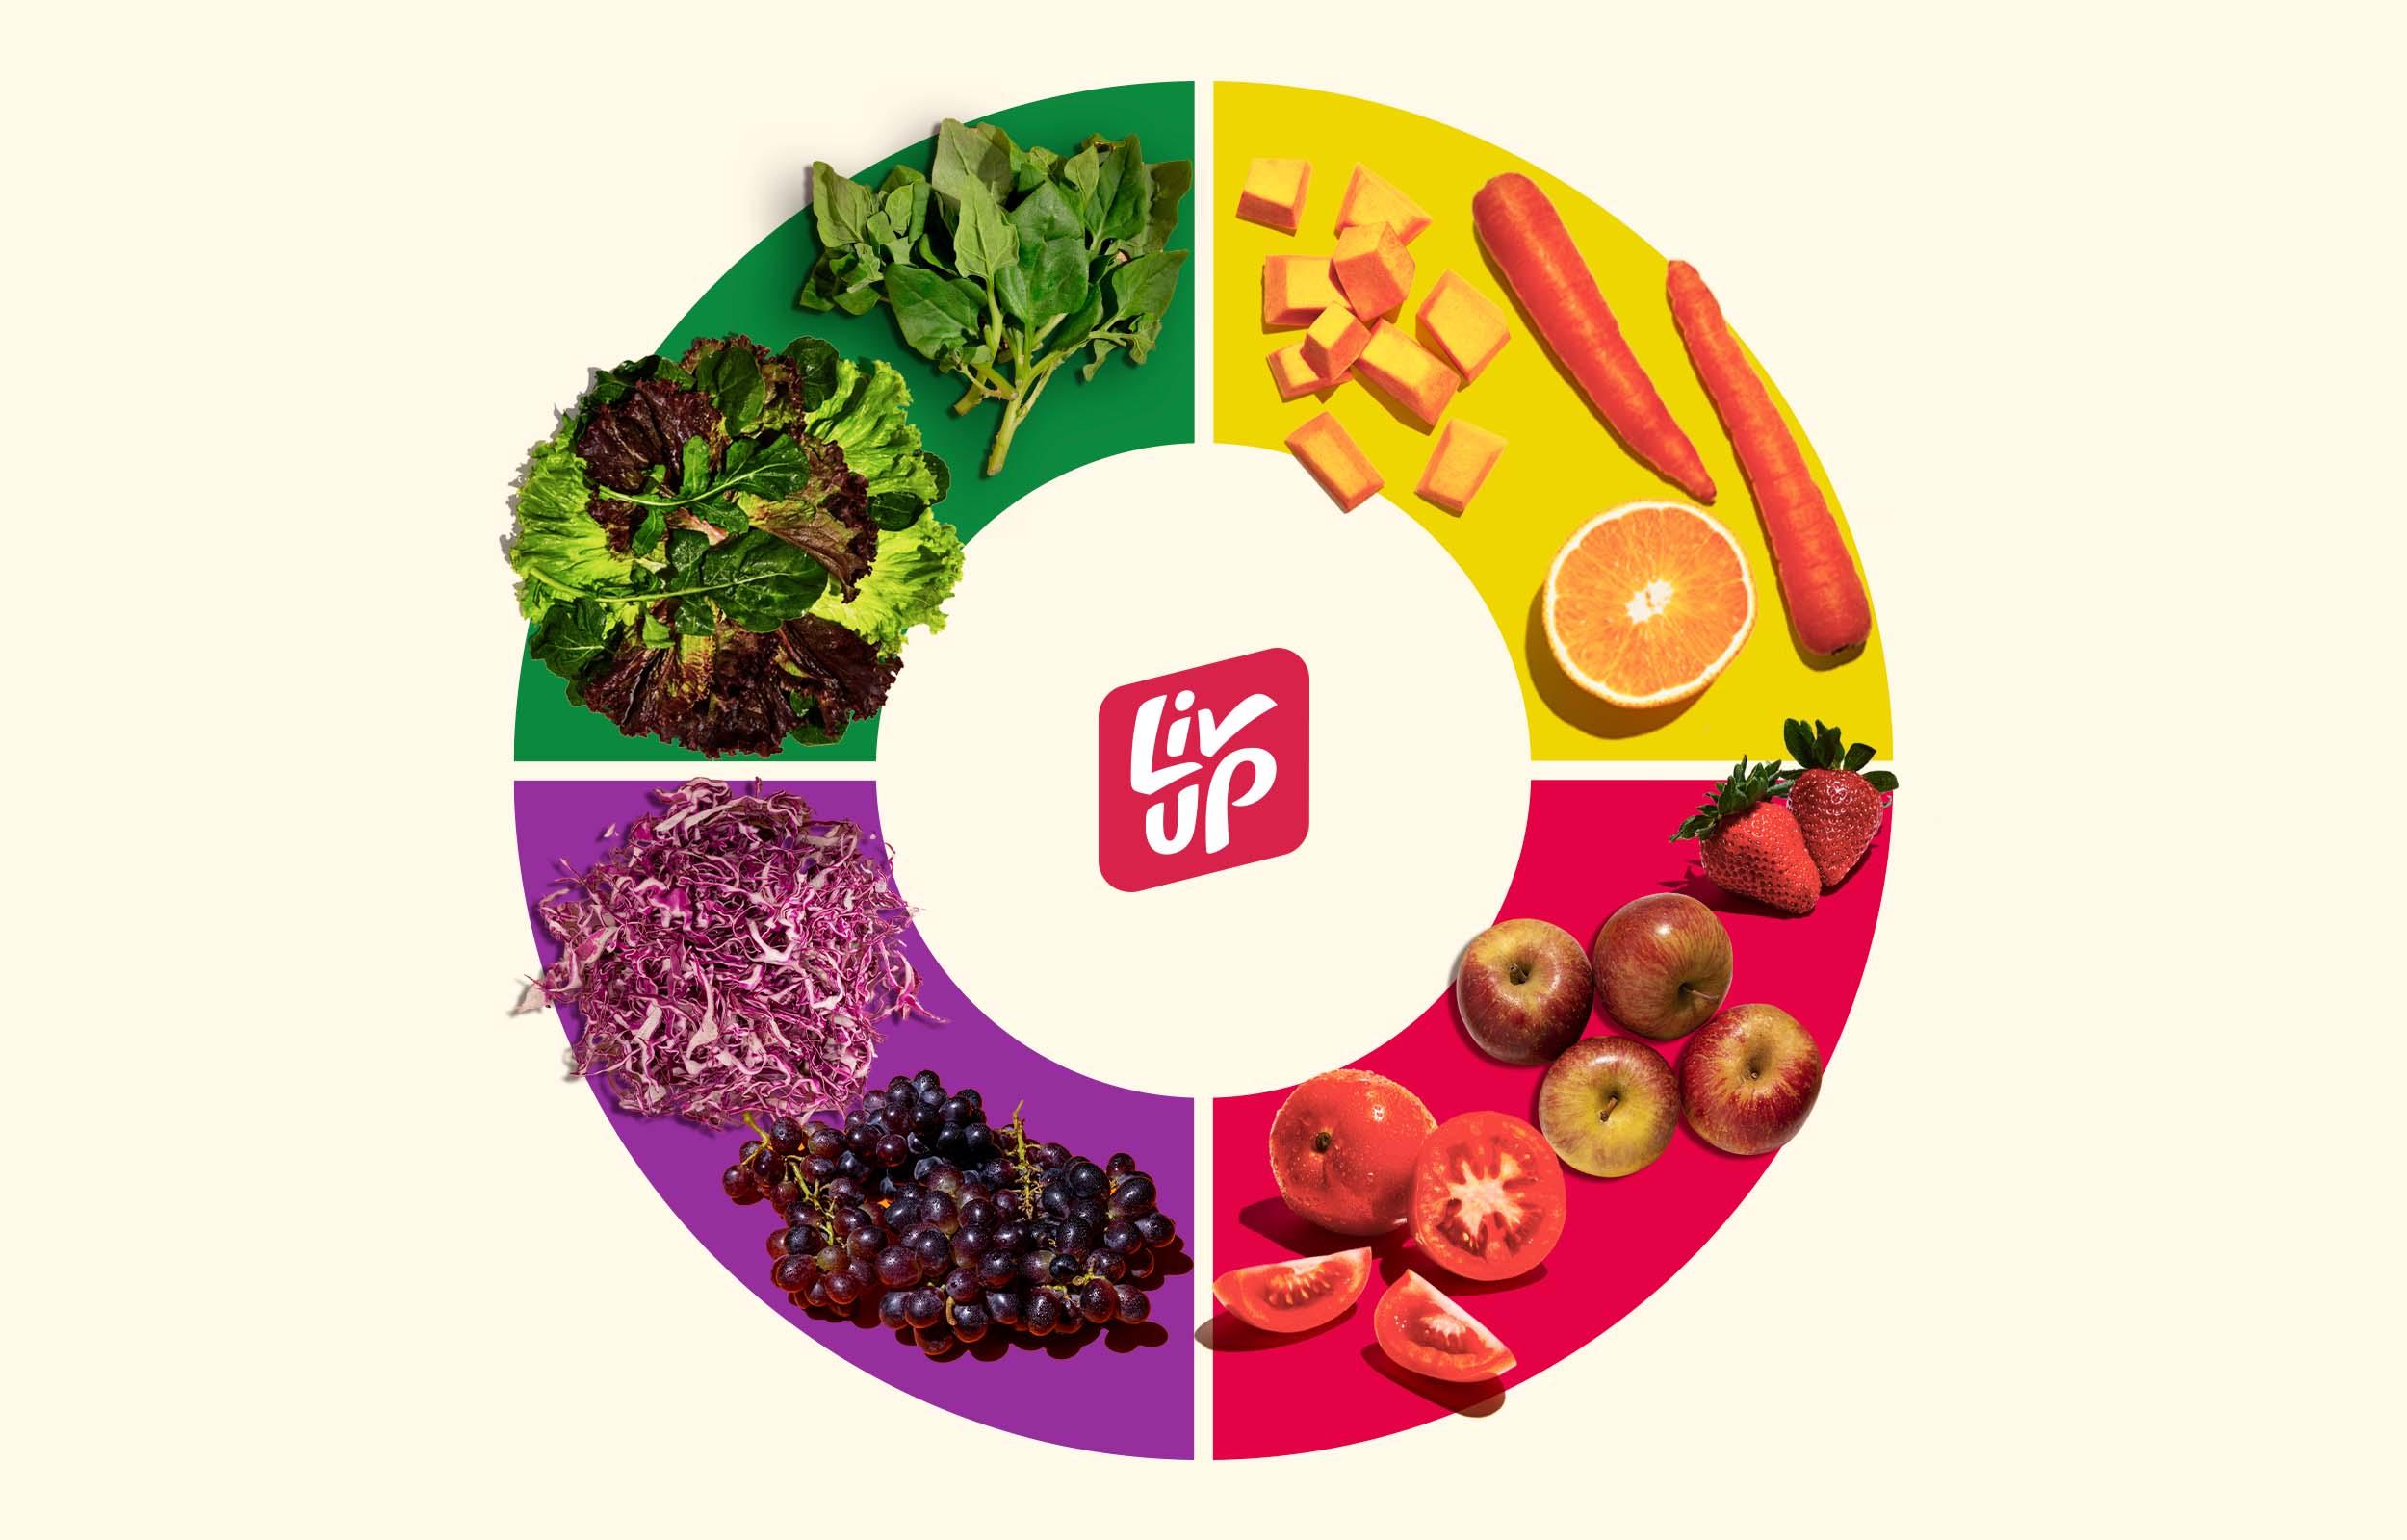 cores-dos-alimentos-para-um-cardapio-de-alimentacao-saudavel